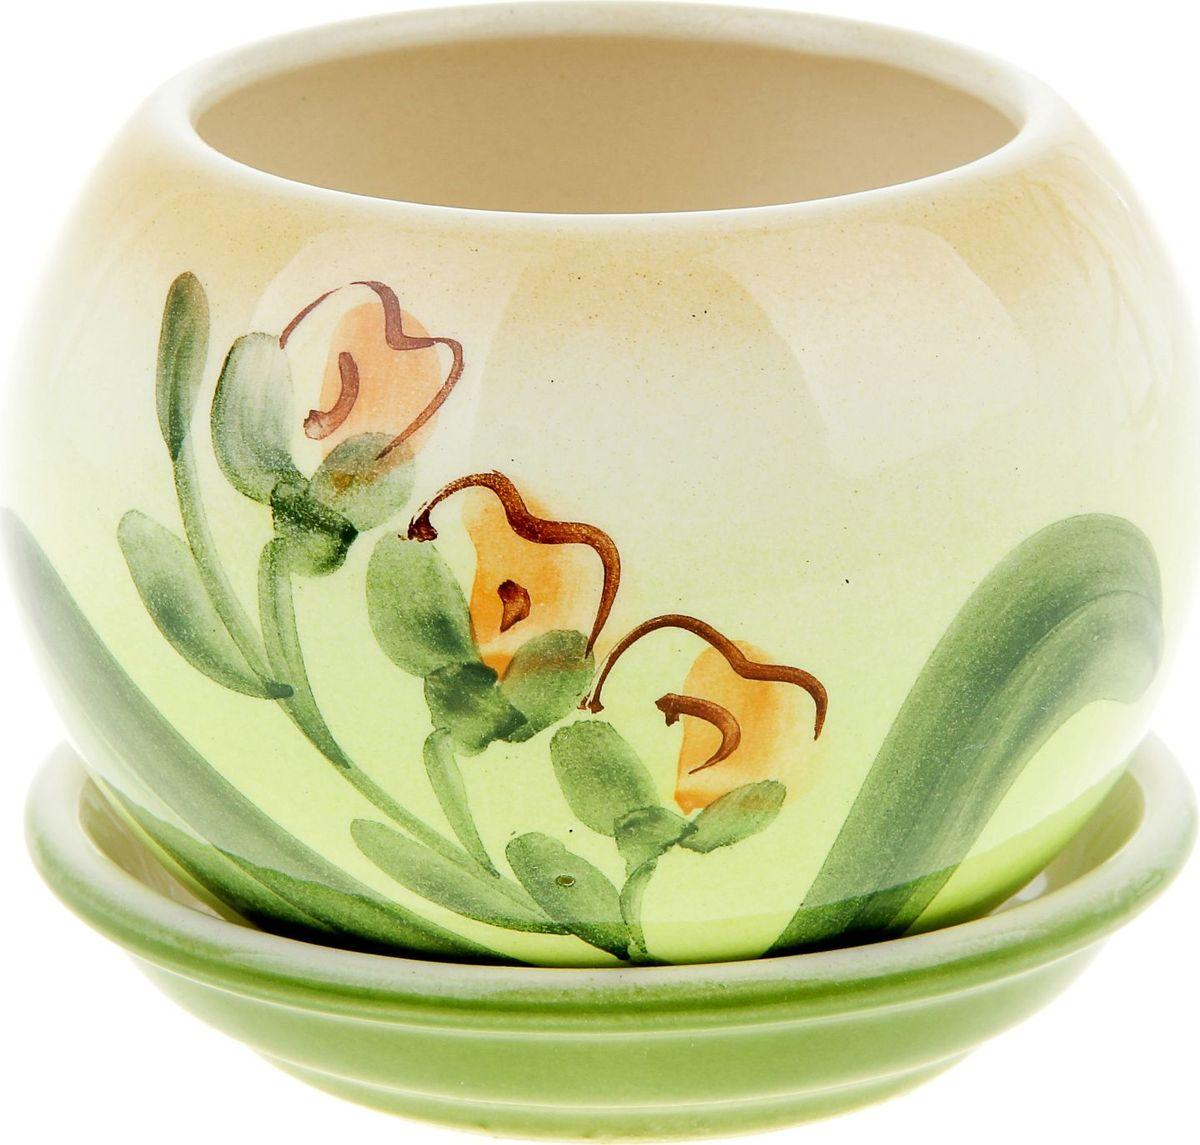 Кашпо Керамика ручной работы Шар. Орхидея, 0,4 л835635Комнатные растения - всеобщие любимцы. Они радуют глаз, насыщают помещение кислородом и украшают пространство. Каждому из них необходим свой удобный и красивый дом. Кашпо из керамики прекрасно подходят для высадки растений:- пористый материал позволяет испаряться лишней влаге;- воздух, необходимый для дыхания корней, проникает сквозь керамические стенки.Кашпо Шар. Орхидея позаботится о зеленом питомце, освежит интерьер и подчеркнет его стиль.